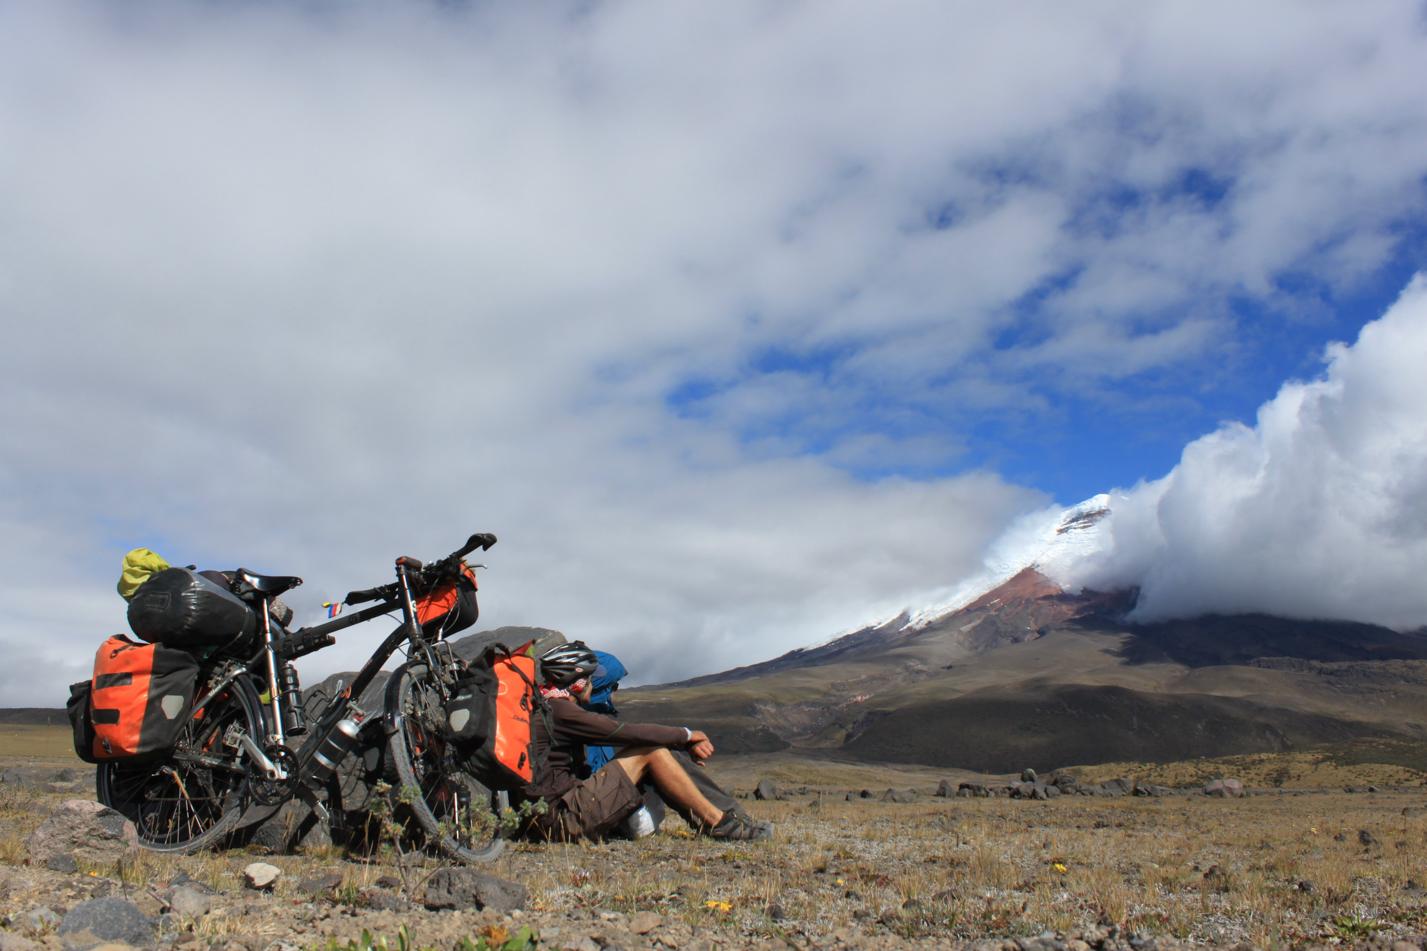 Für kurze Momente, haben sich die Wolken verzogen. Im Windschatten eines großen Steines, haben wir dem Wolkenspiel, um den Krater, zugesehen.